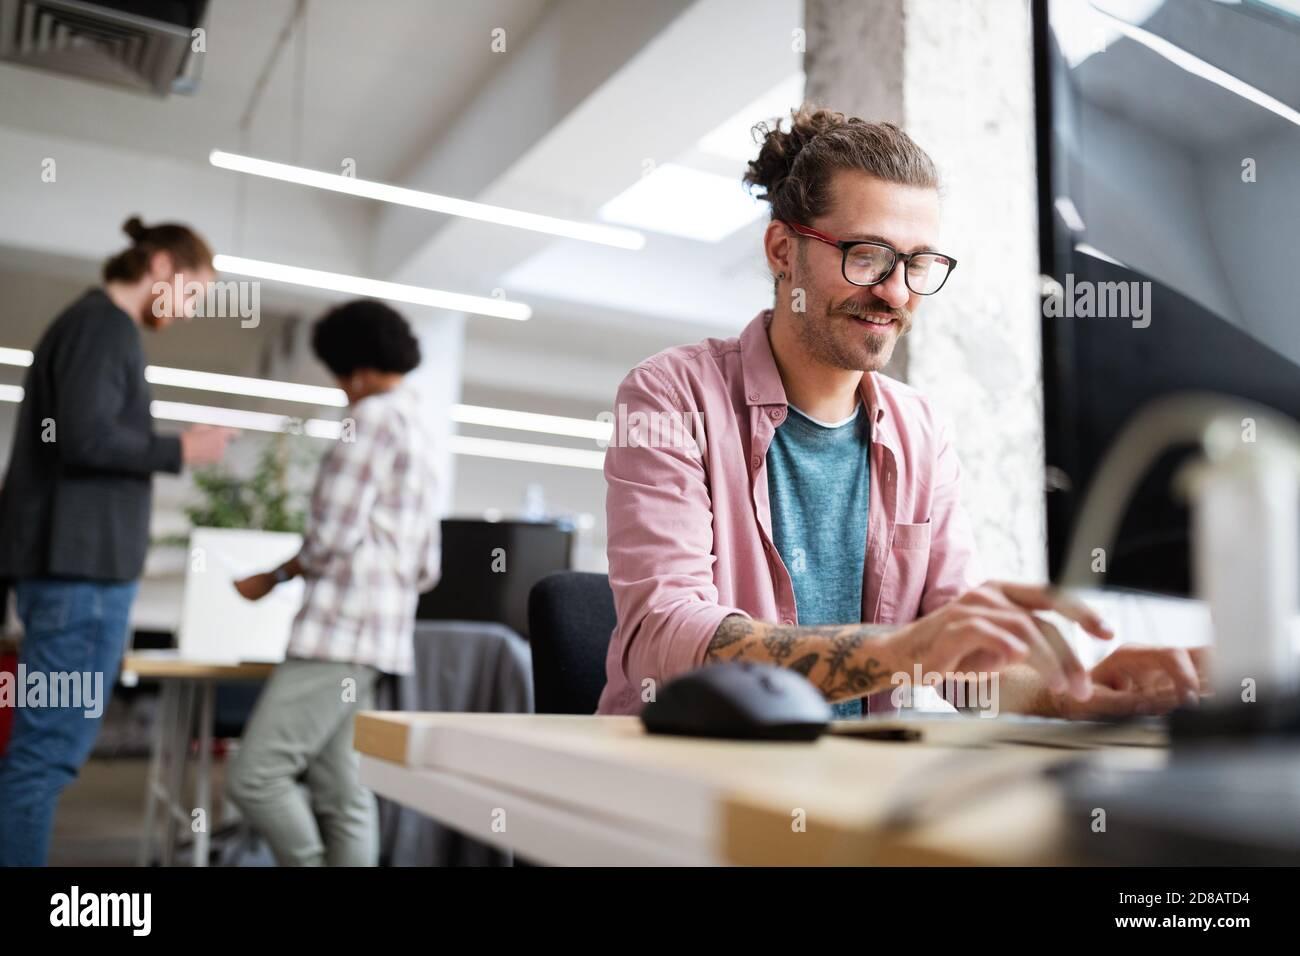 Programmateur travaillant et développant des logiciels au bureau Banque D'Images